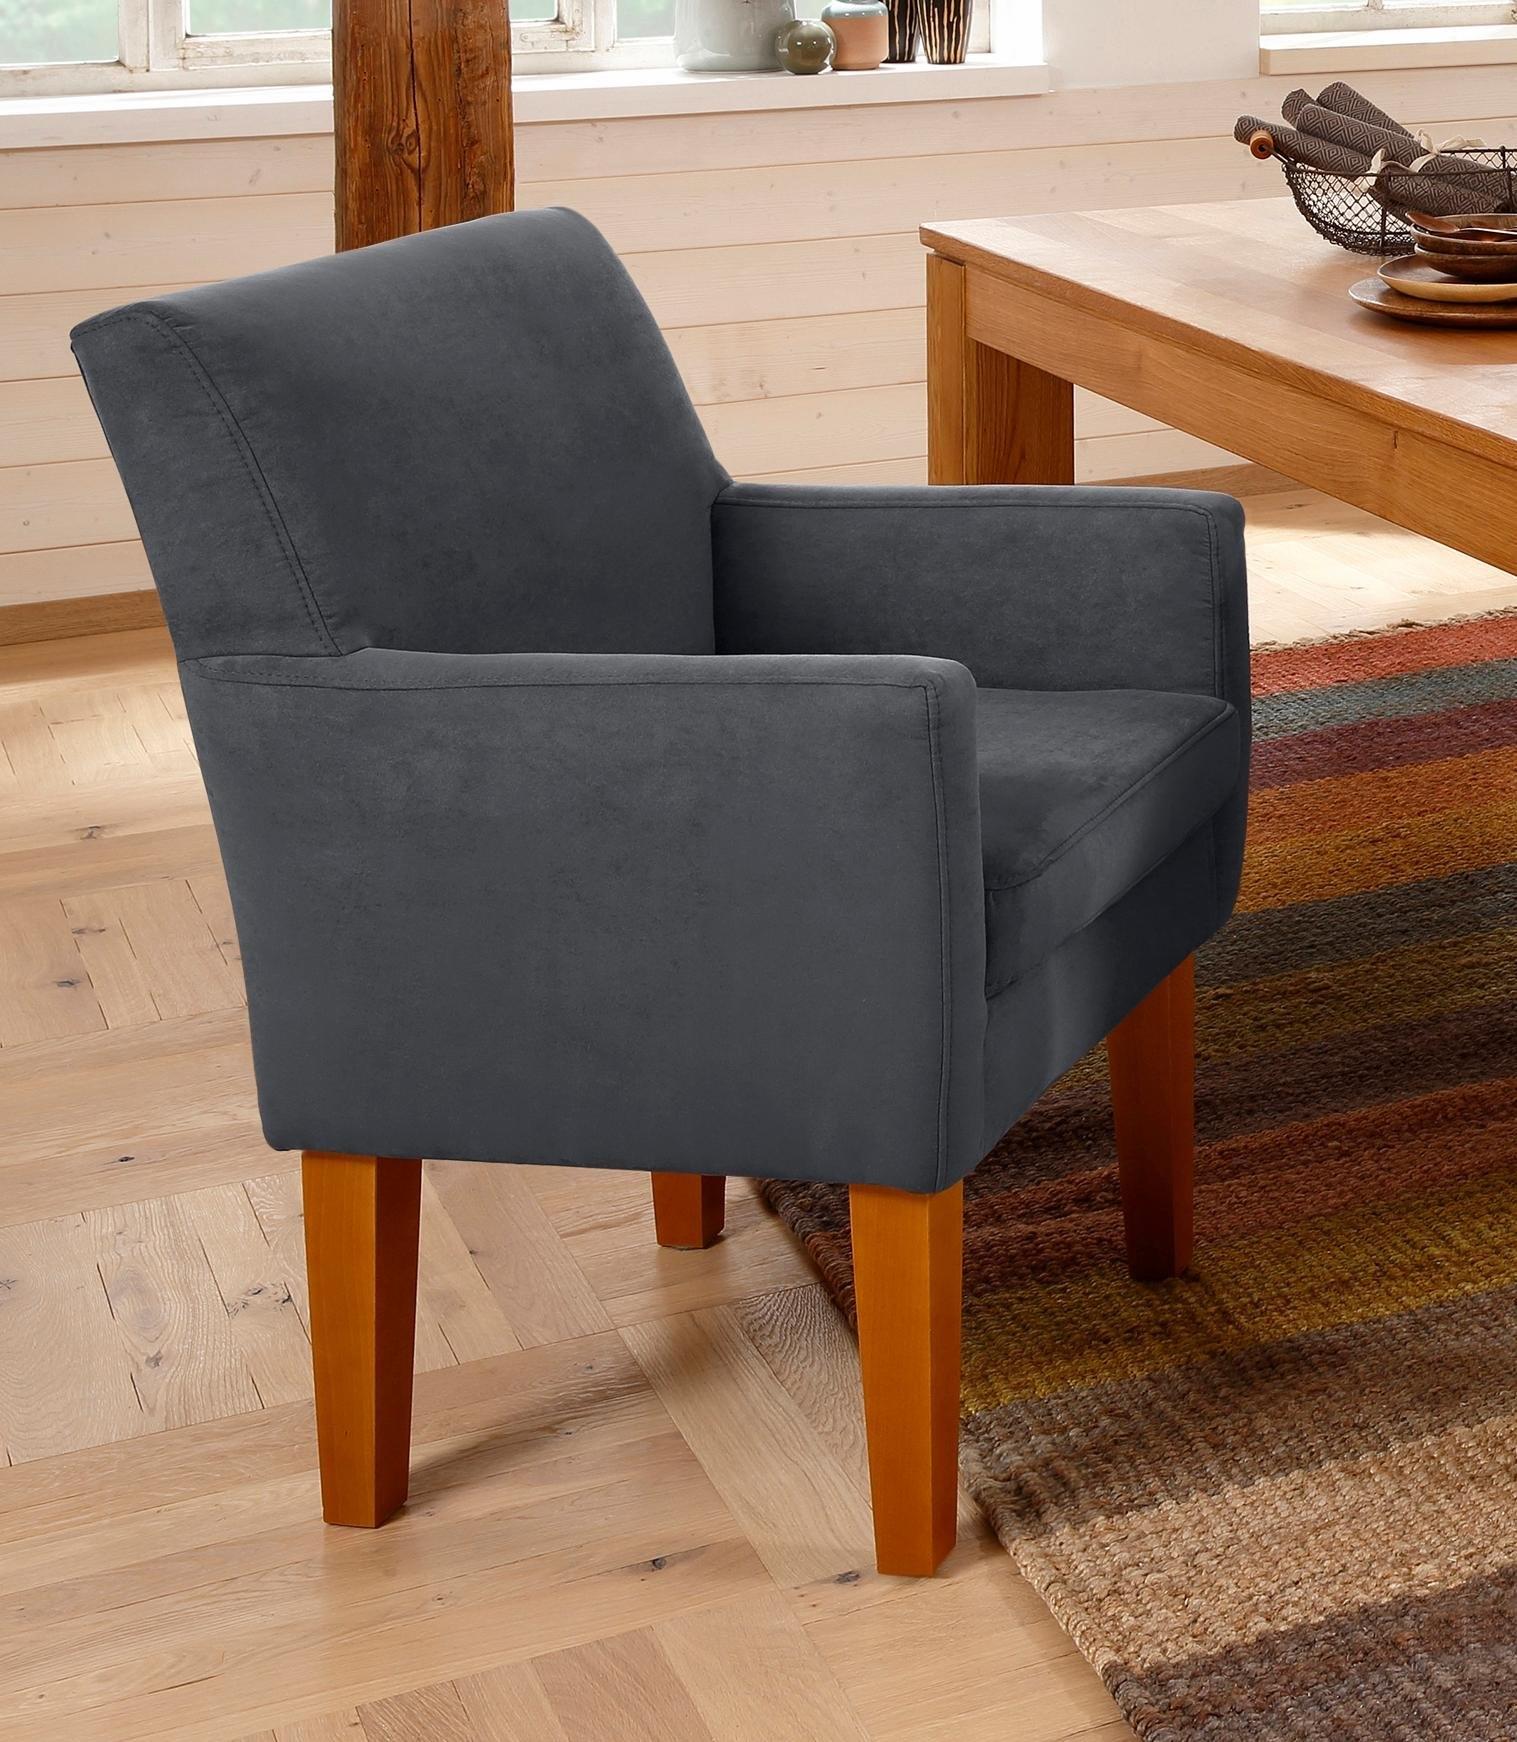 Home affaire fauteuil Fehmarn comfortabele zithoogte van 54 cm, in 3 verschillende stofkwaliteiten - gratis ruilen op otto.nl